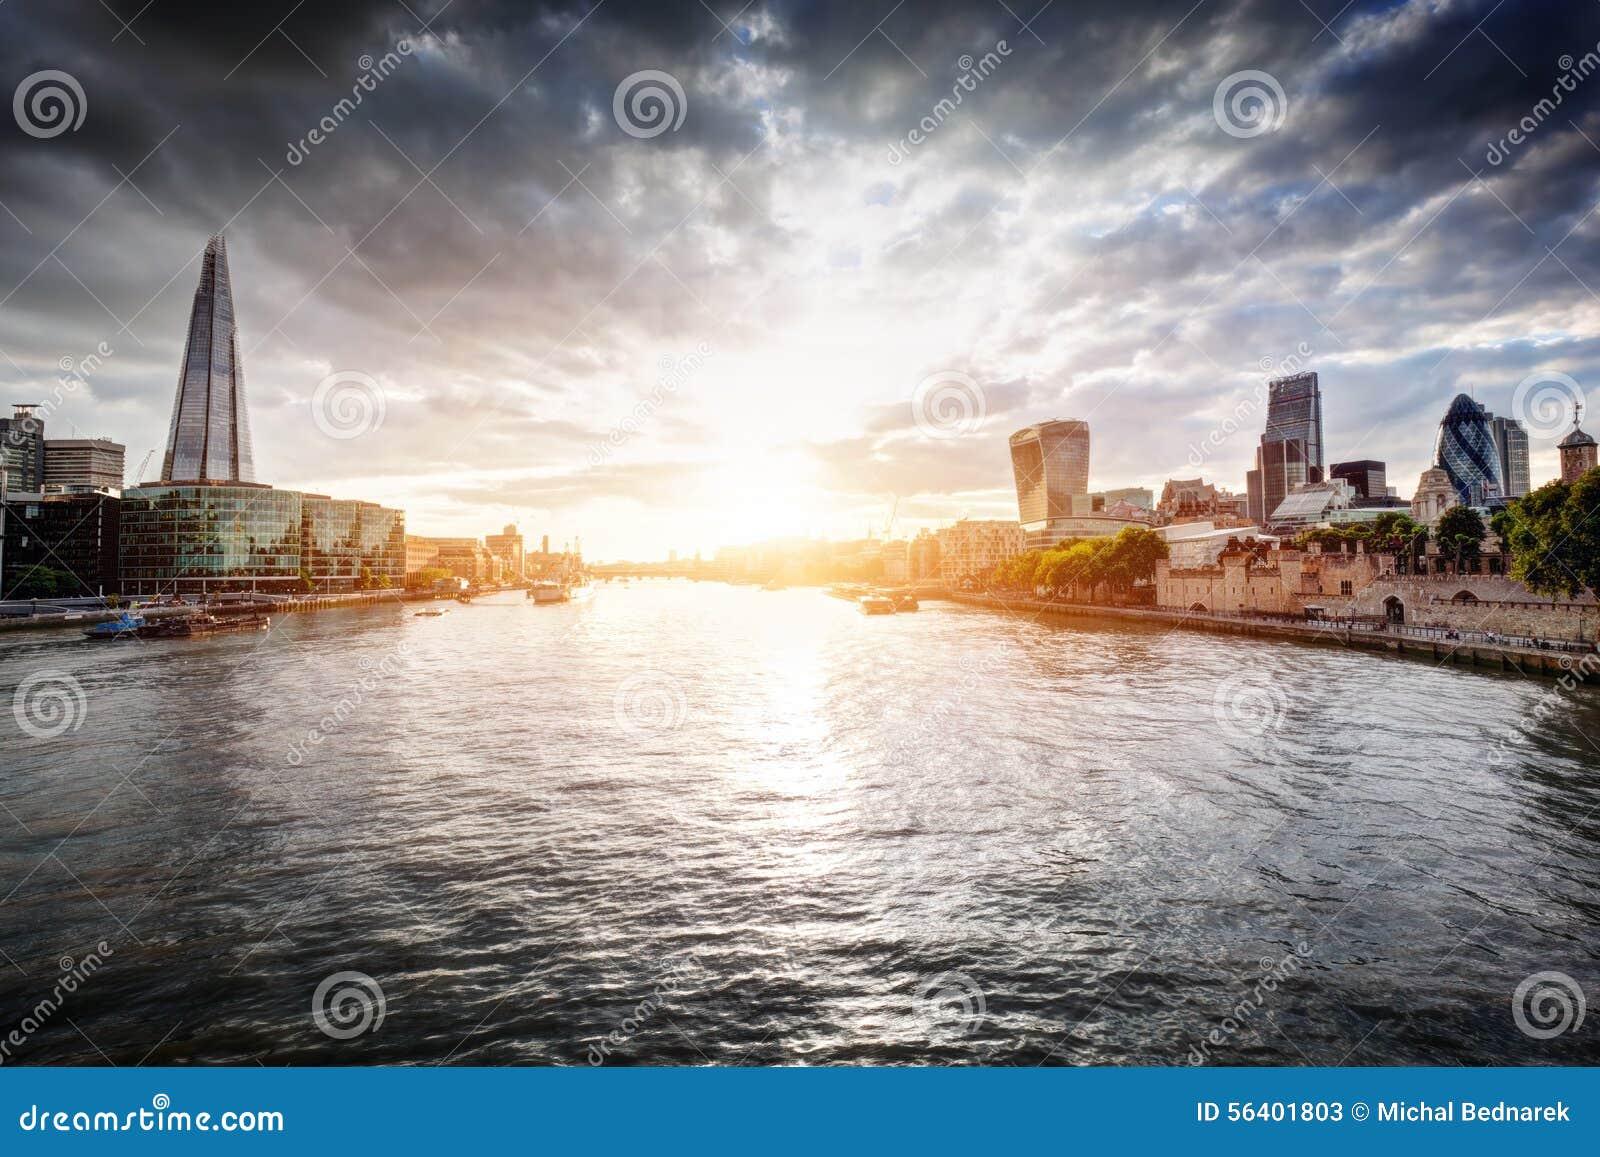 Skyline no por do sol, Inglaterra de Londres o Reino Unido Rio Tamisa, o estilhaço, câmara municipal